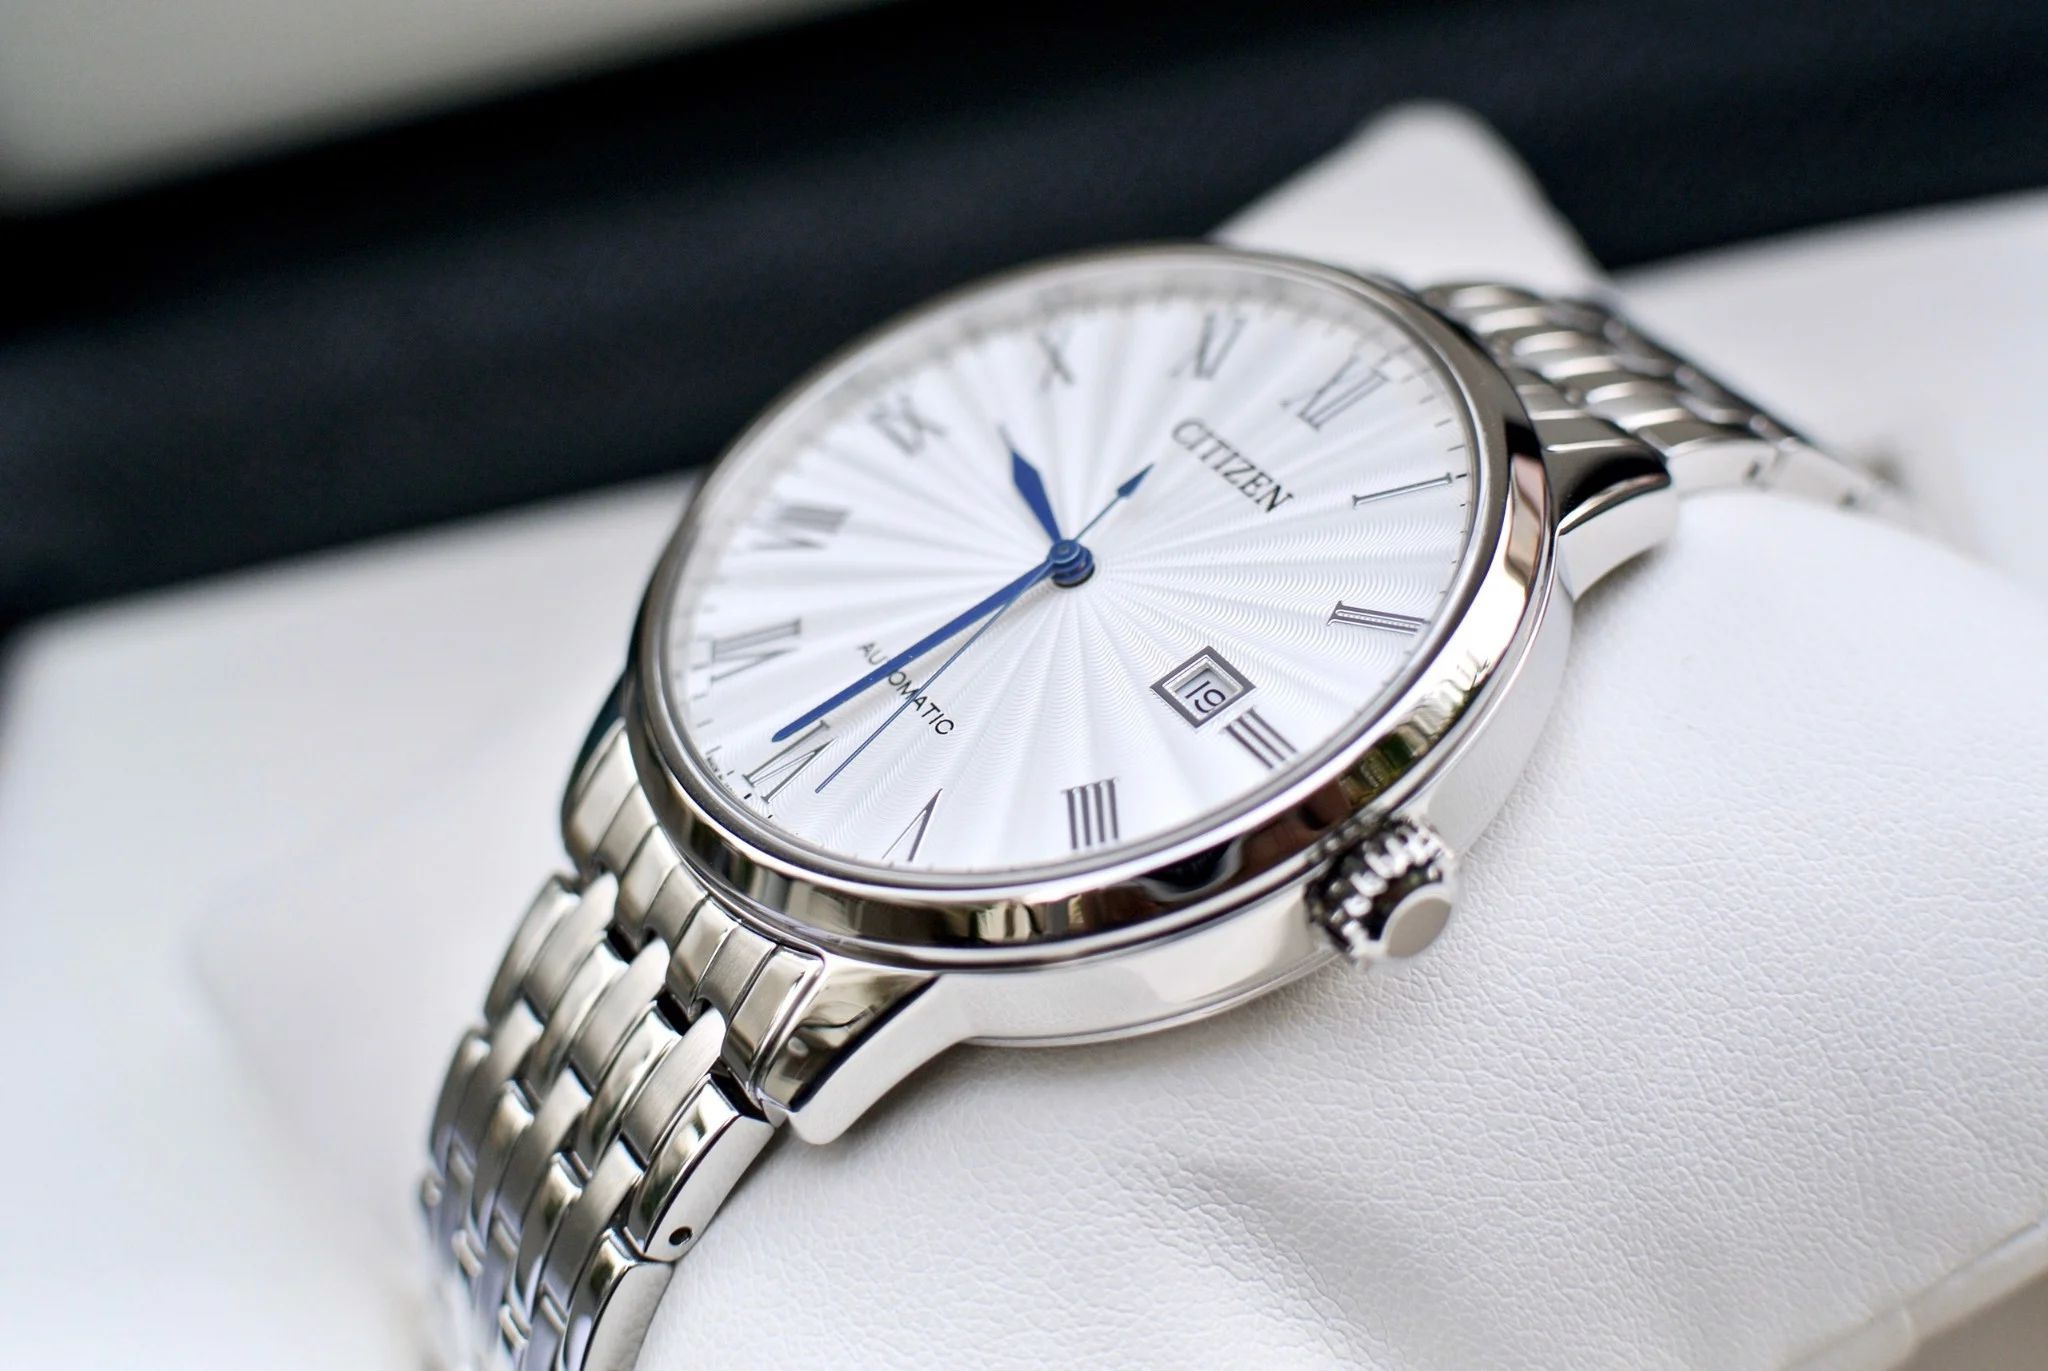 đồng hồ citizen nj0080-50a